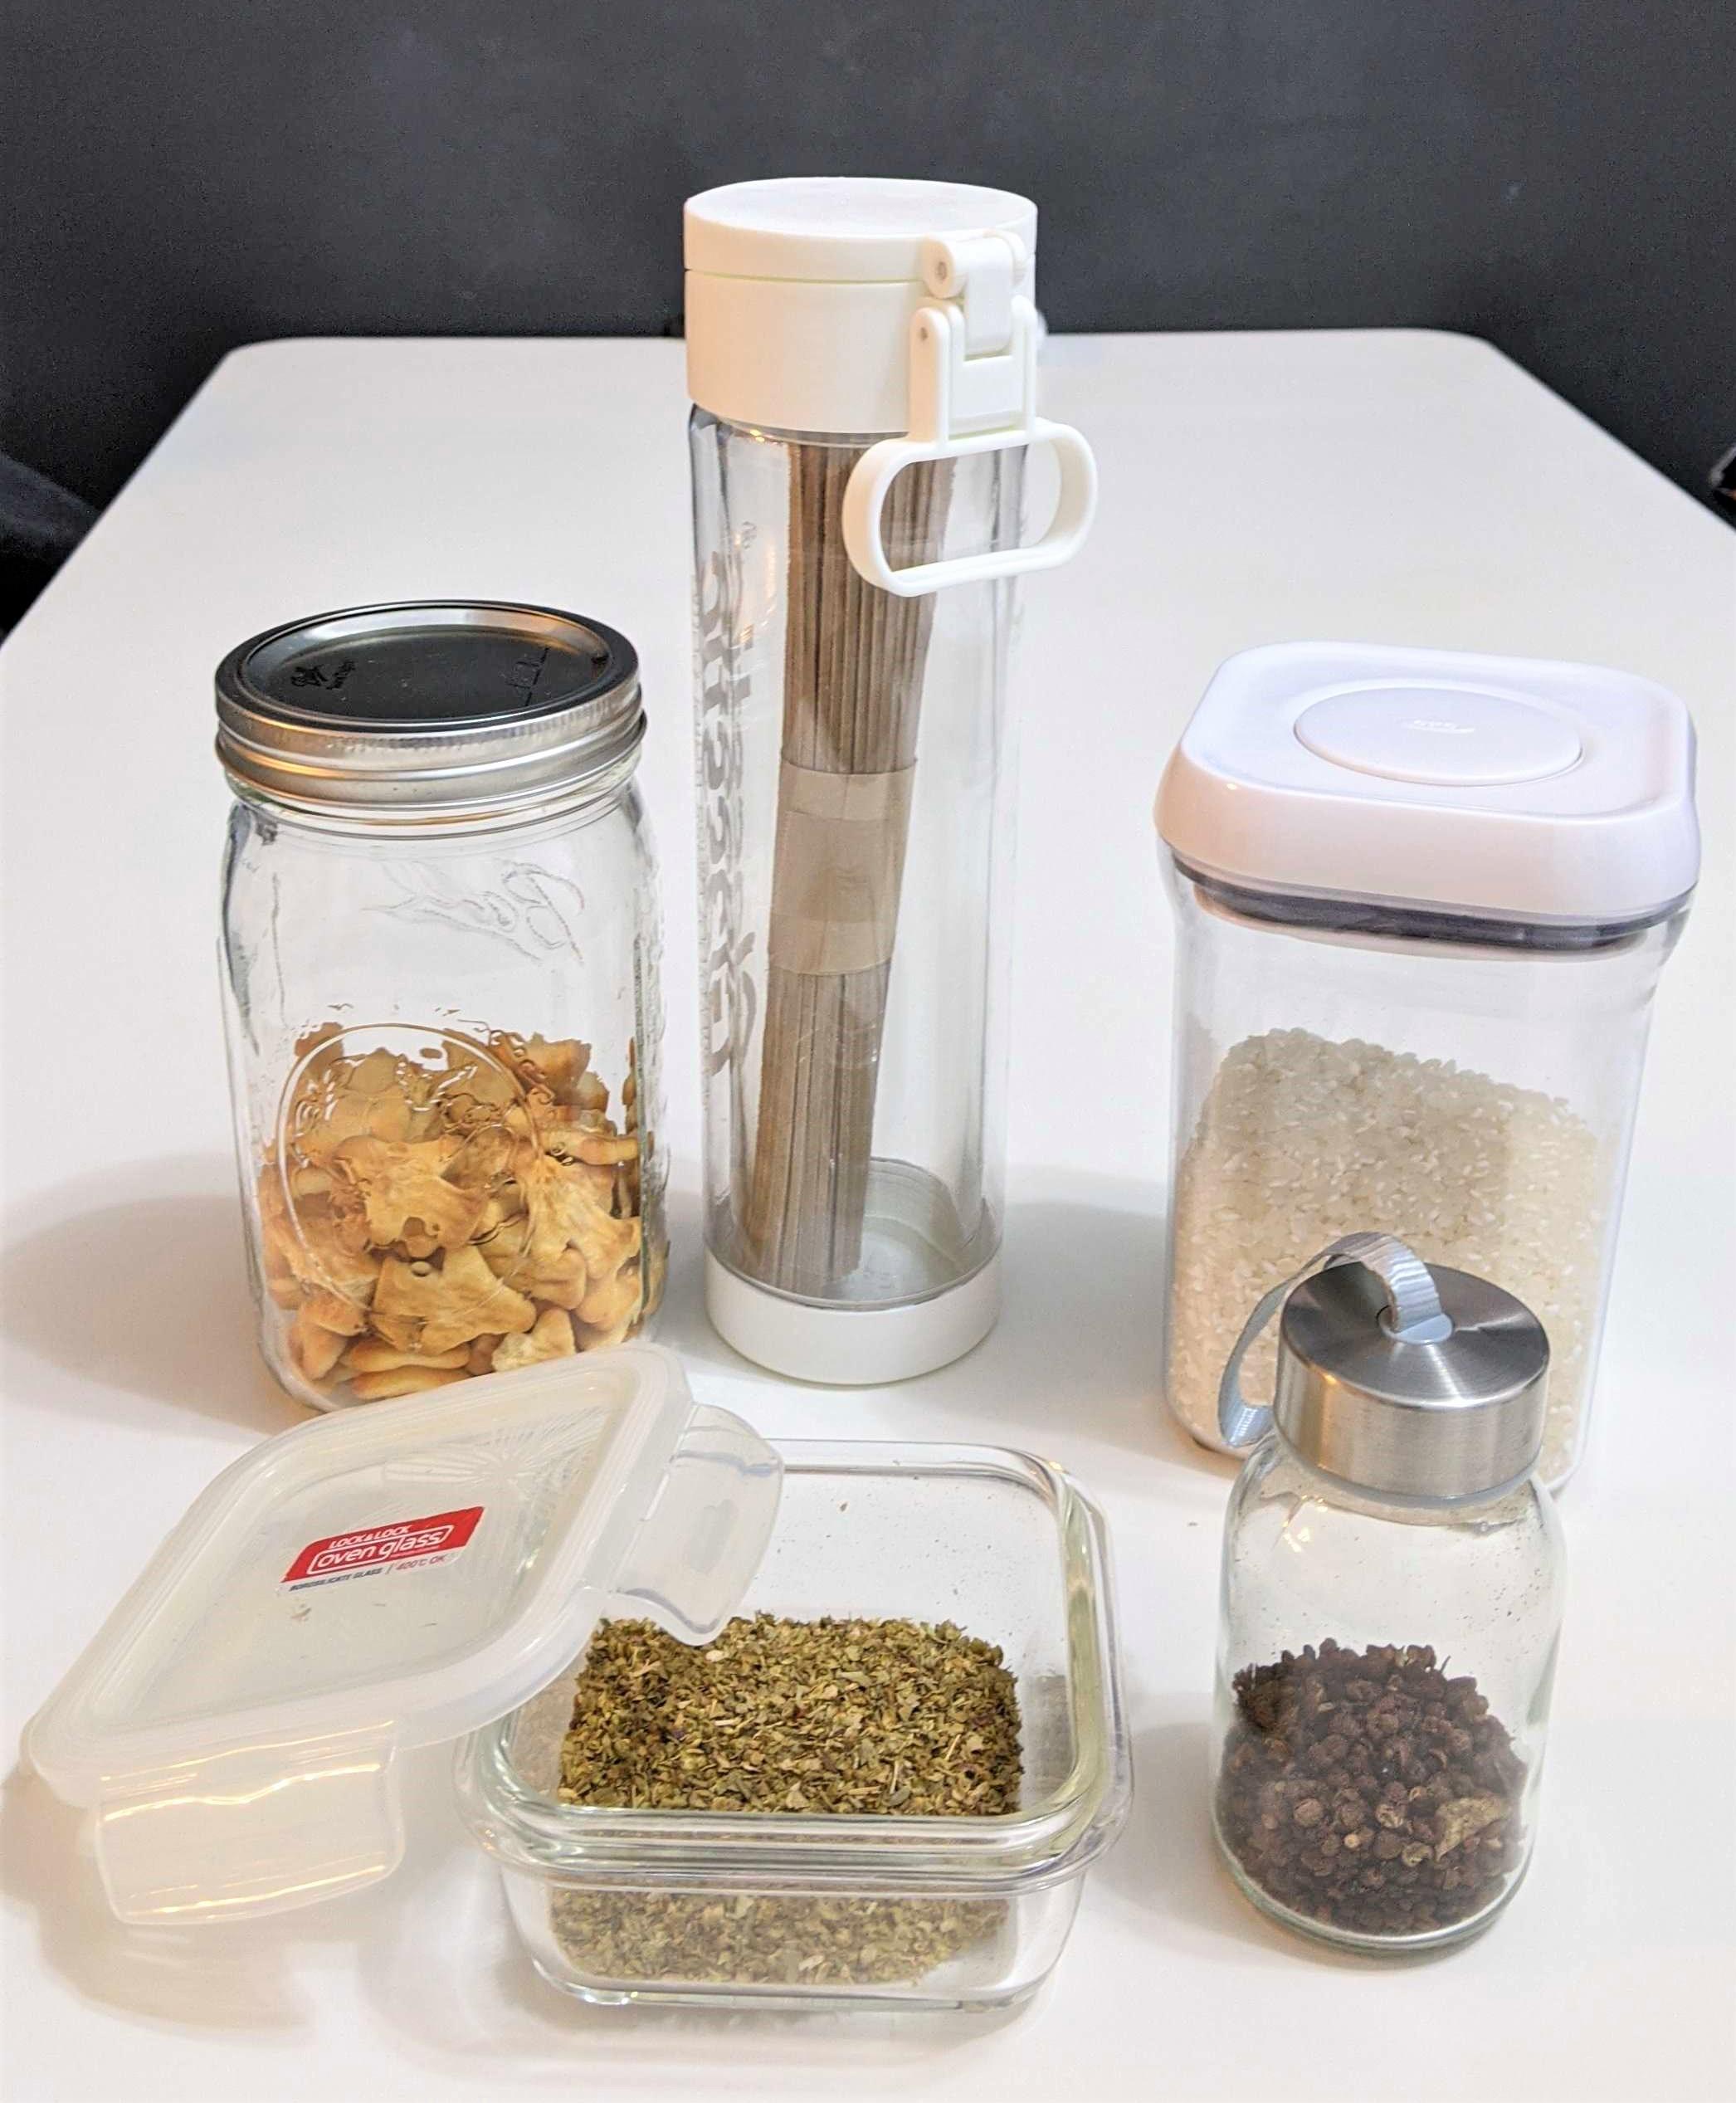 自備環保容器採買食材,不僅衛生又美觀,還能控制購買份量避免浪費,而且減少不必要的一次性塑膠包裝。